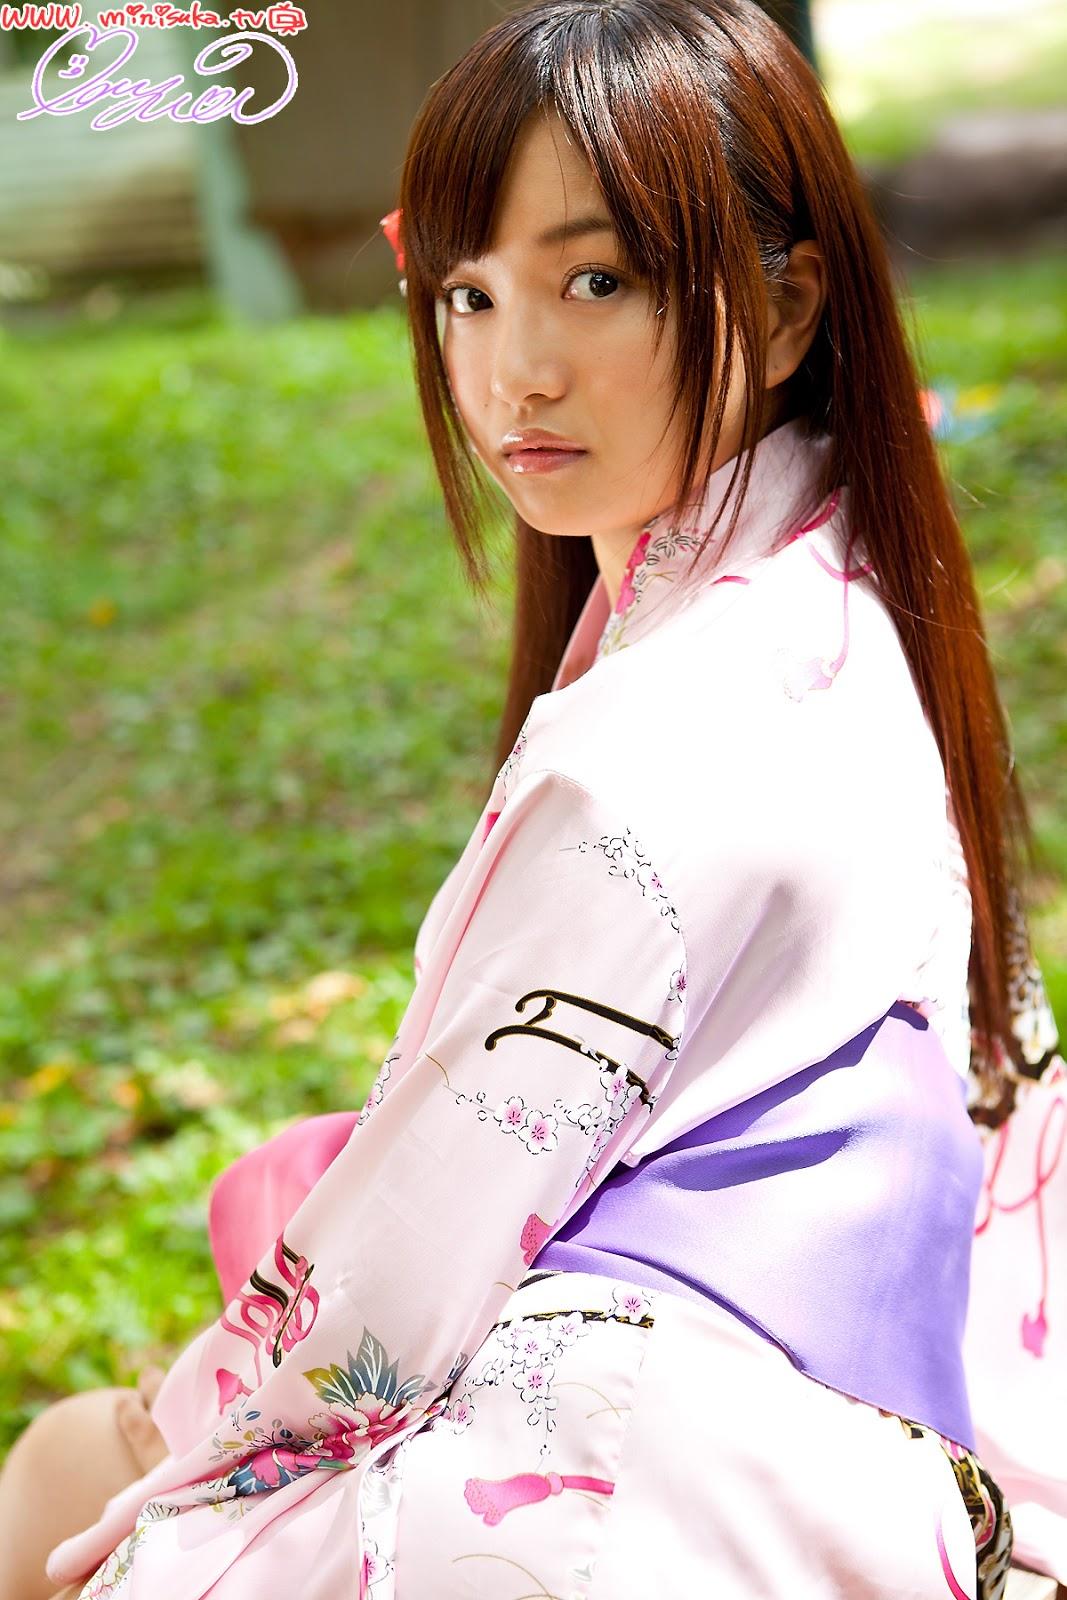 Mayumi Yamanaka Japanese Cute Idol Sexy Purple Kimono Robe